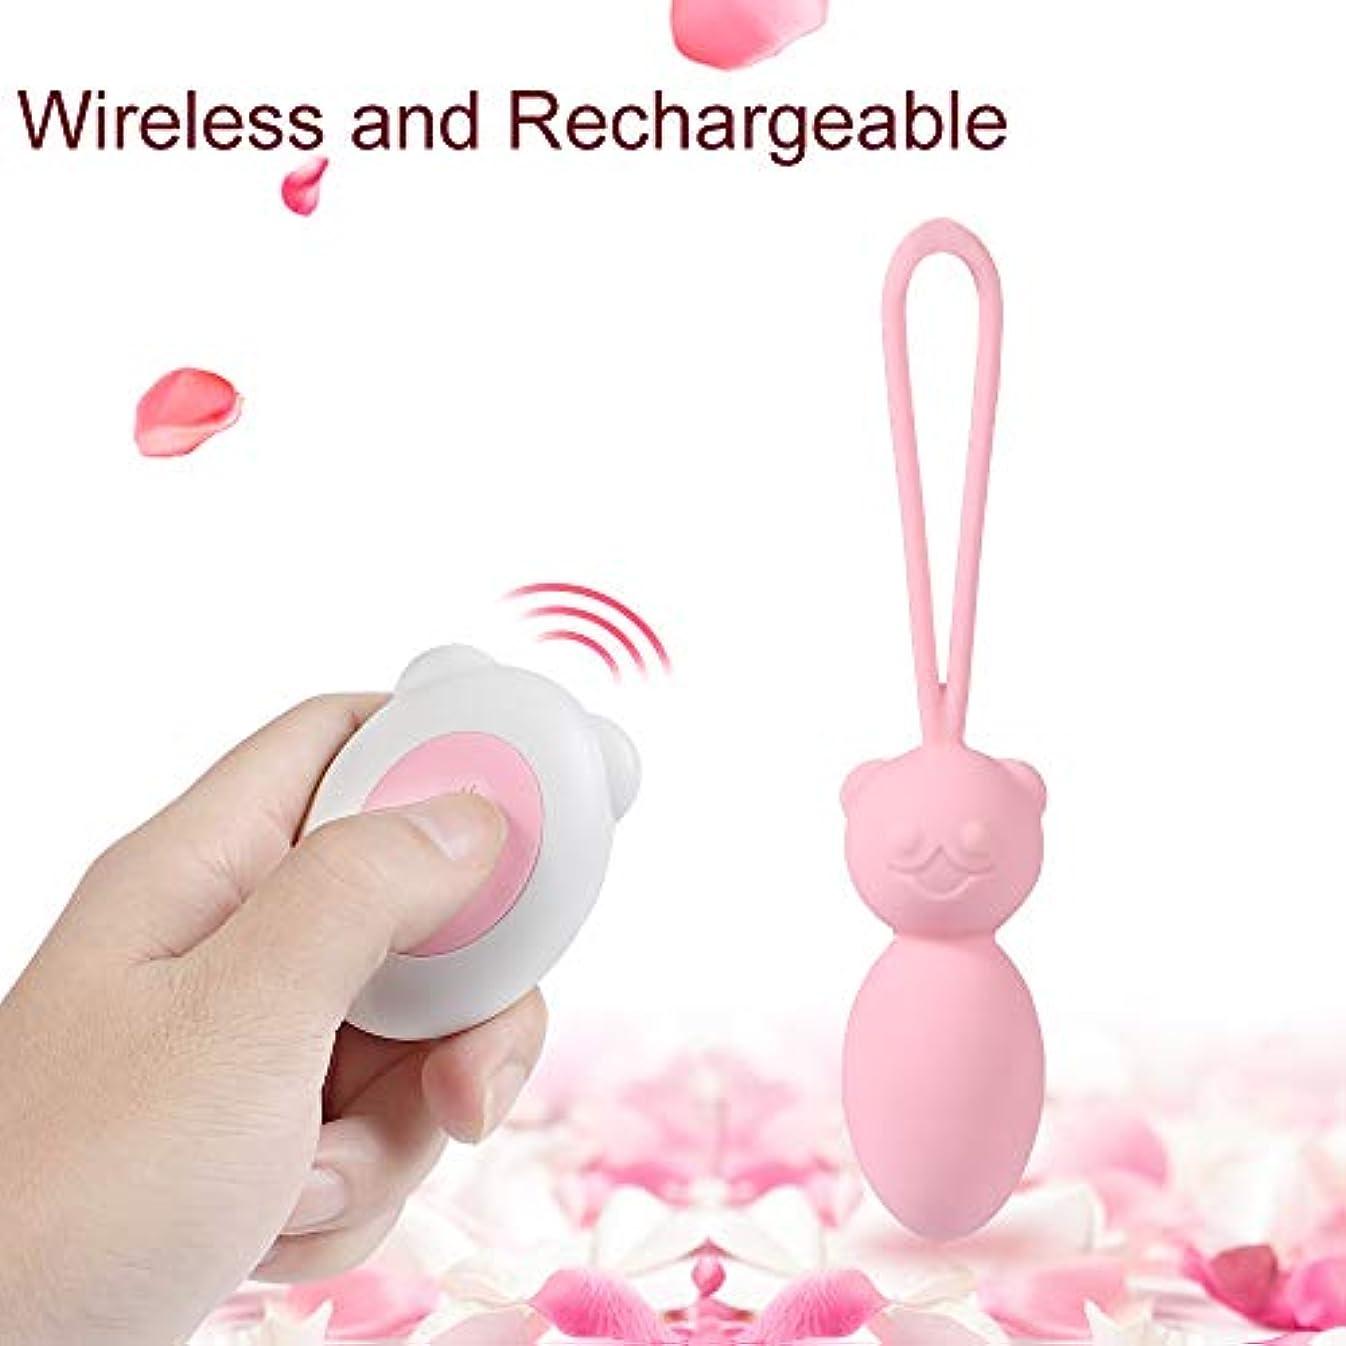 社説ジャンクション書士カップル用振動マッサージ(6.3インチピンク)の大人のためのバイブレーターの寝室のおもちゃを使用してミニ振動バイブレーター9モード防水女性,ピンク